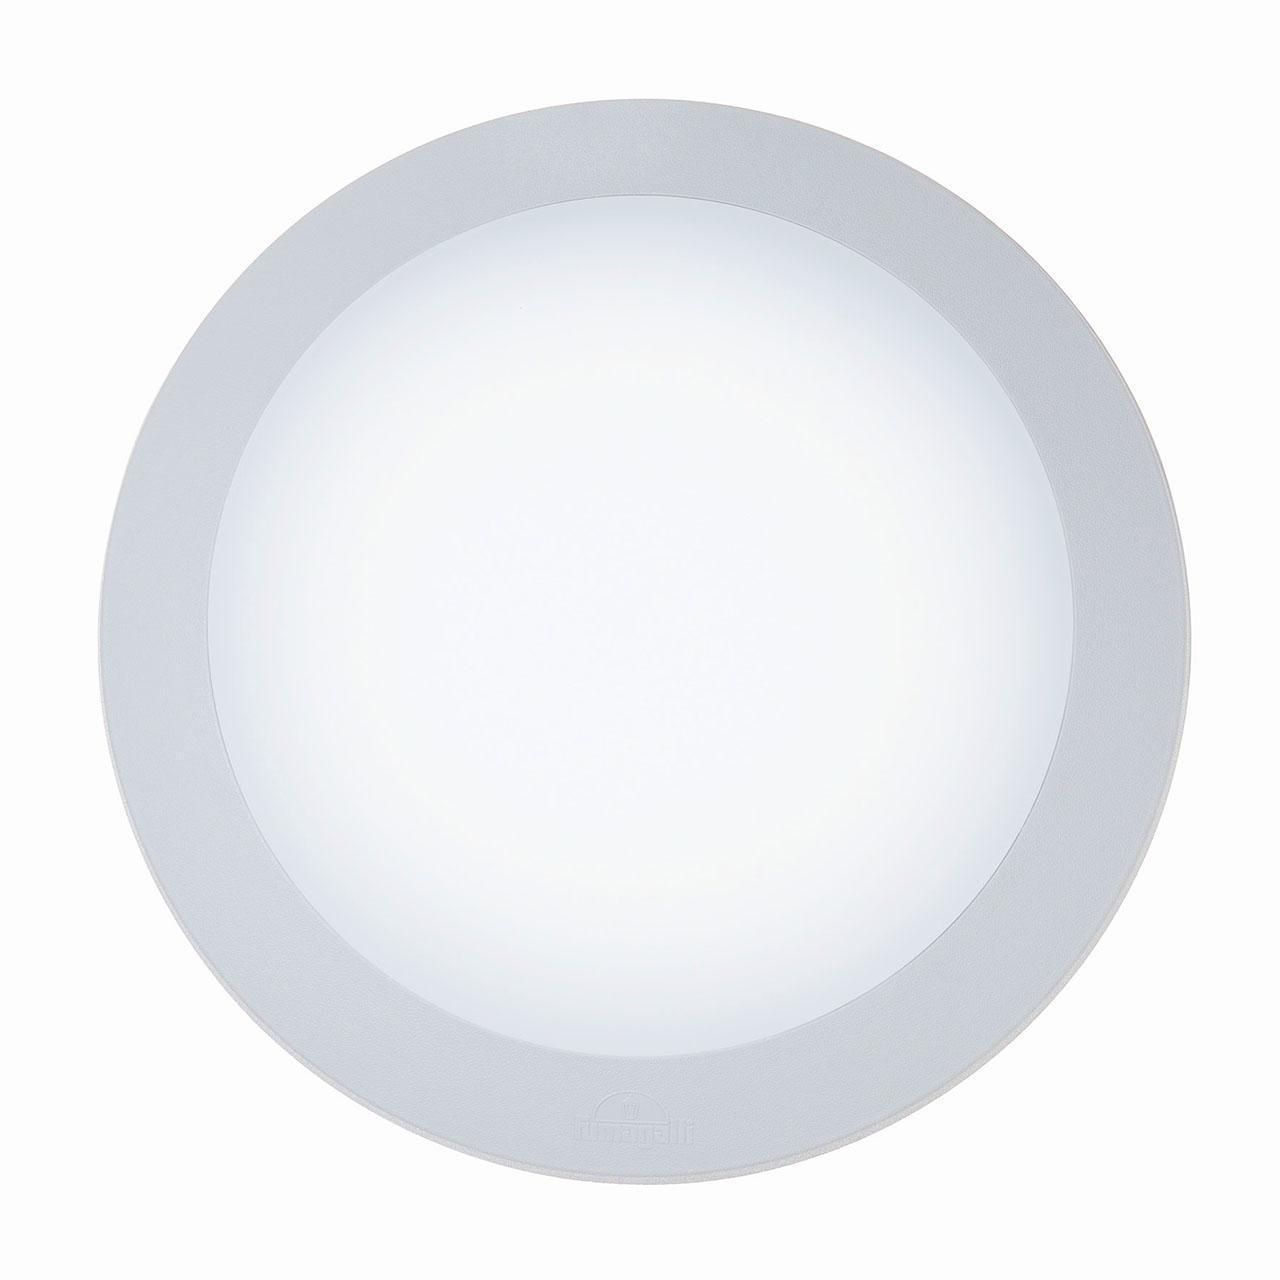 Уличный настенный светодиодный светильник Ideal Lux Berta AP1 Big Bianco ideal lux уличный настенный светодиодный светильник ideal lux berta ap1 big grigio